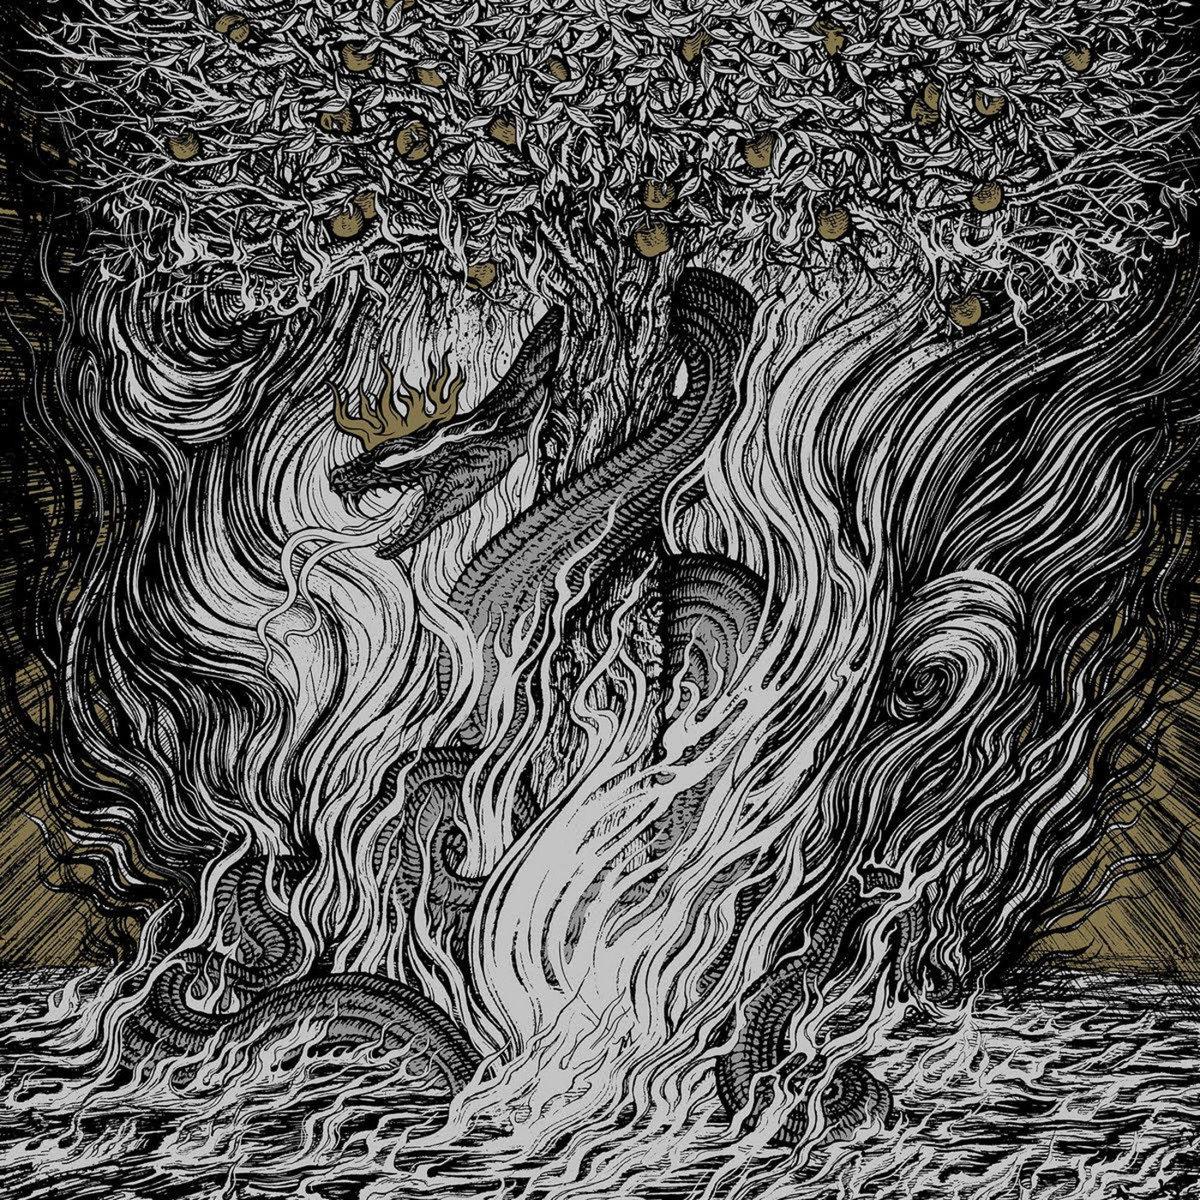 Deus Mortem - The Fiery Blood [LP]